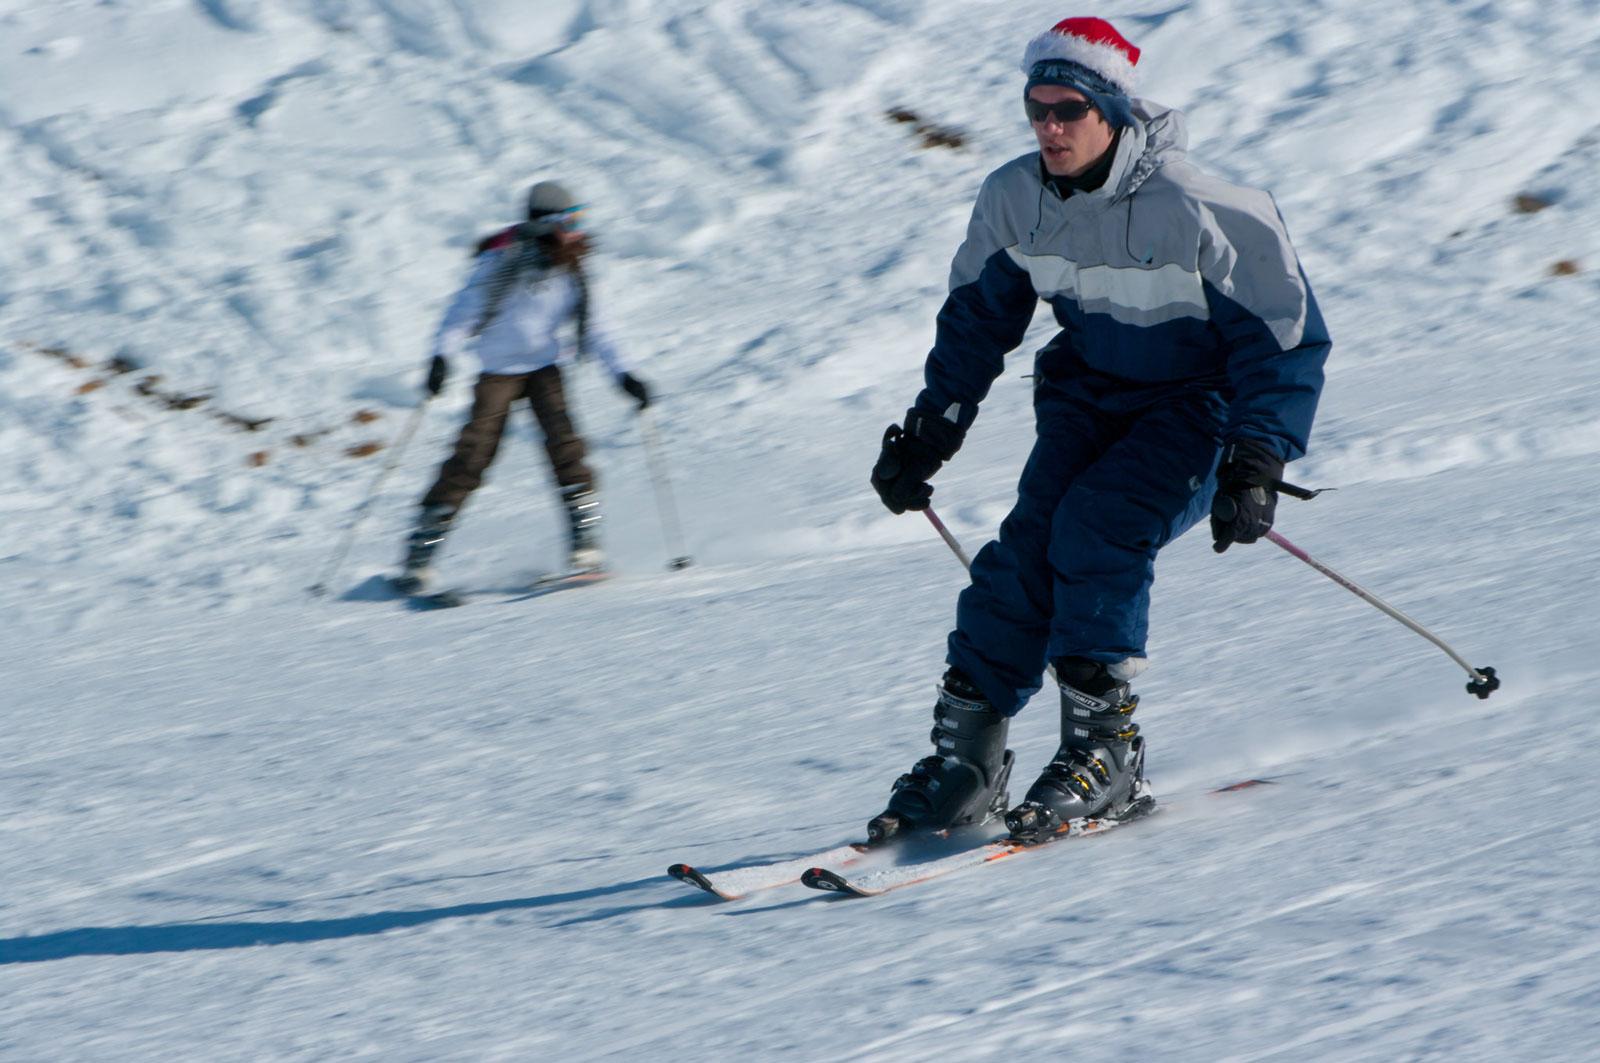 ski gliding